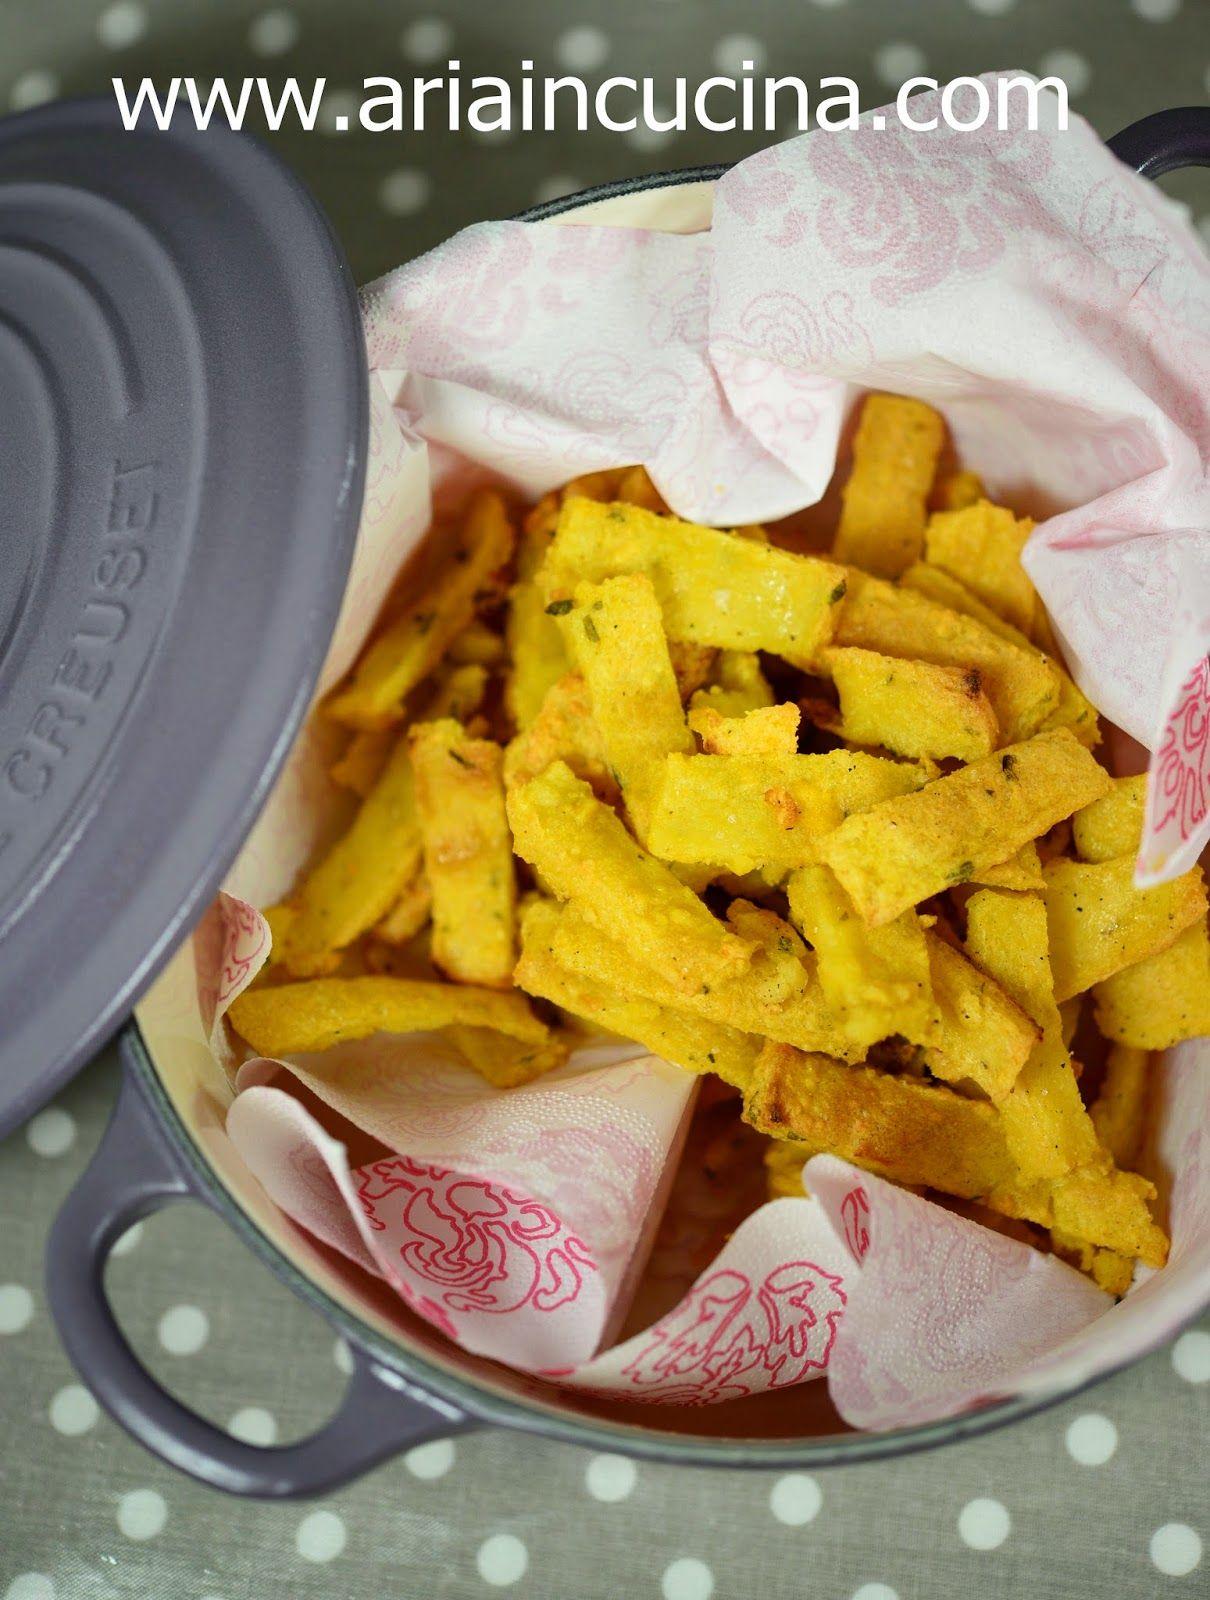 blog di cucina di aria: chips vegane di ceci e rosmarino   cucina ... - Blog Di Cucina Vegana